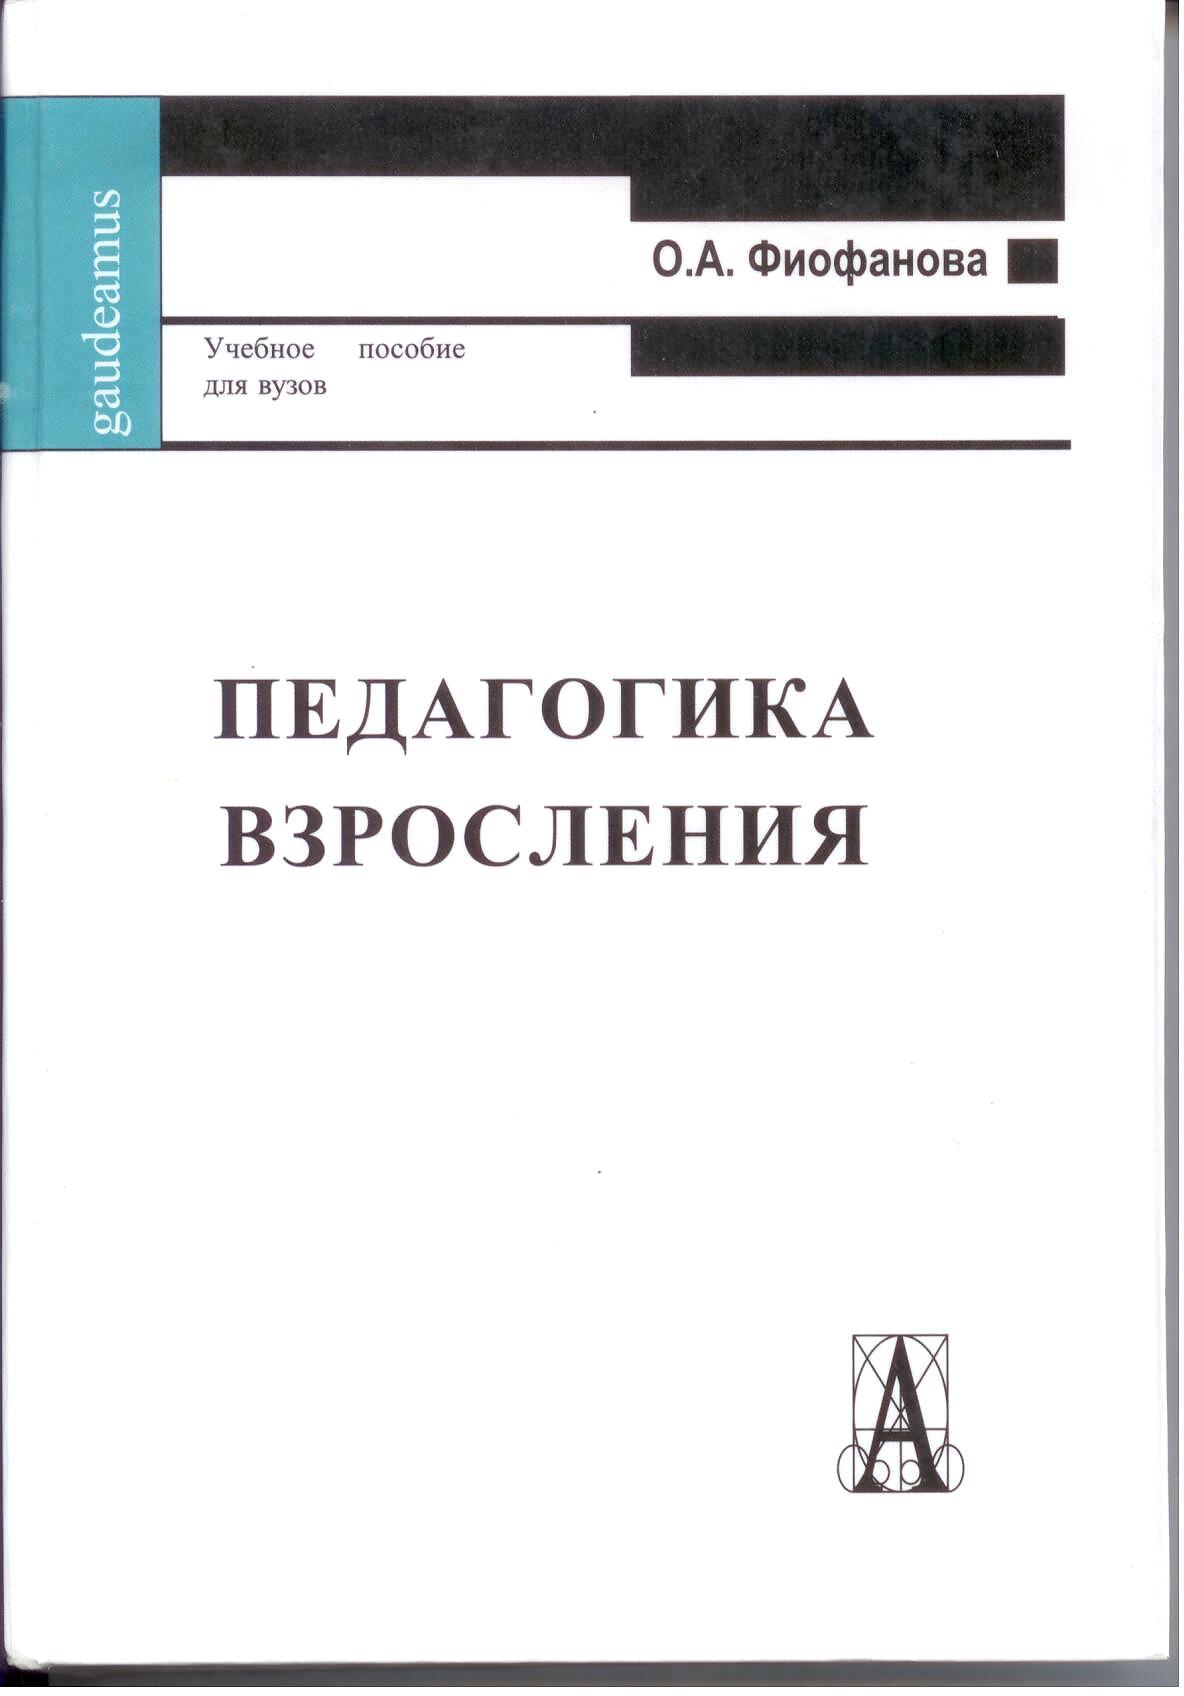 дошкольная педагогика козлова куликова 4 издание 2002